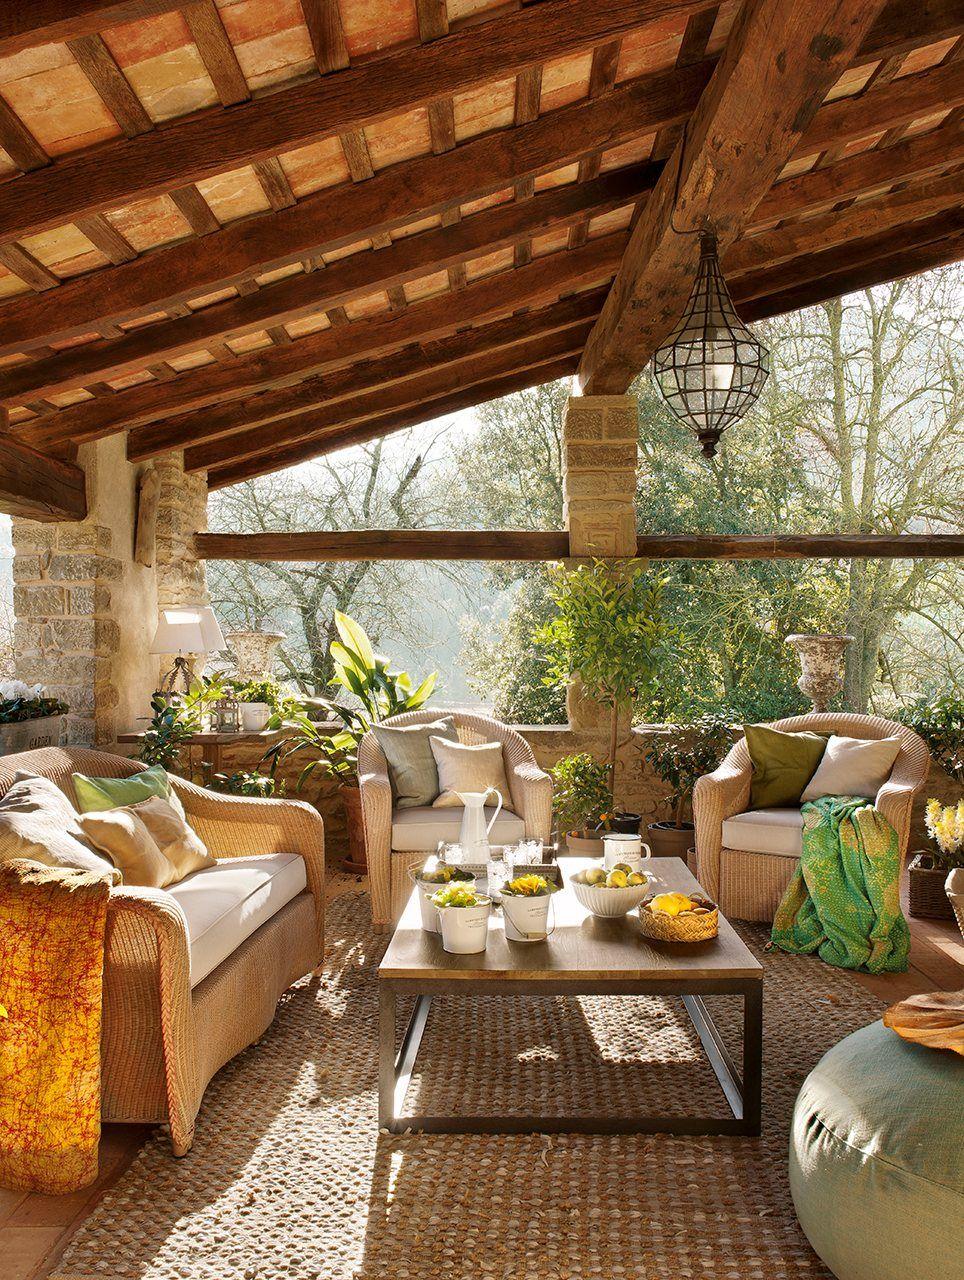 Una casa r stica con toques de estilo franc s elmueble for Terrazas decoracion rusticas